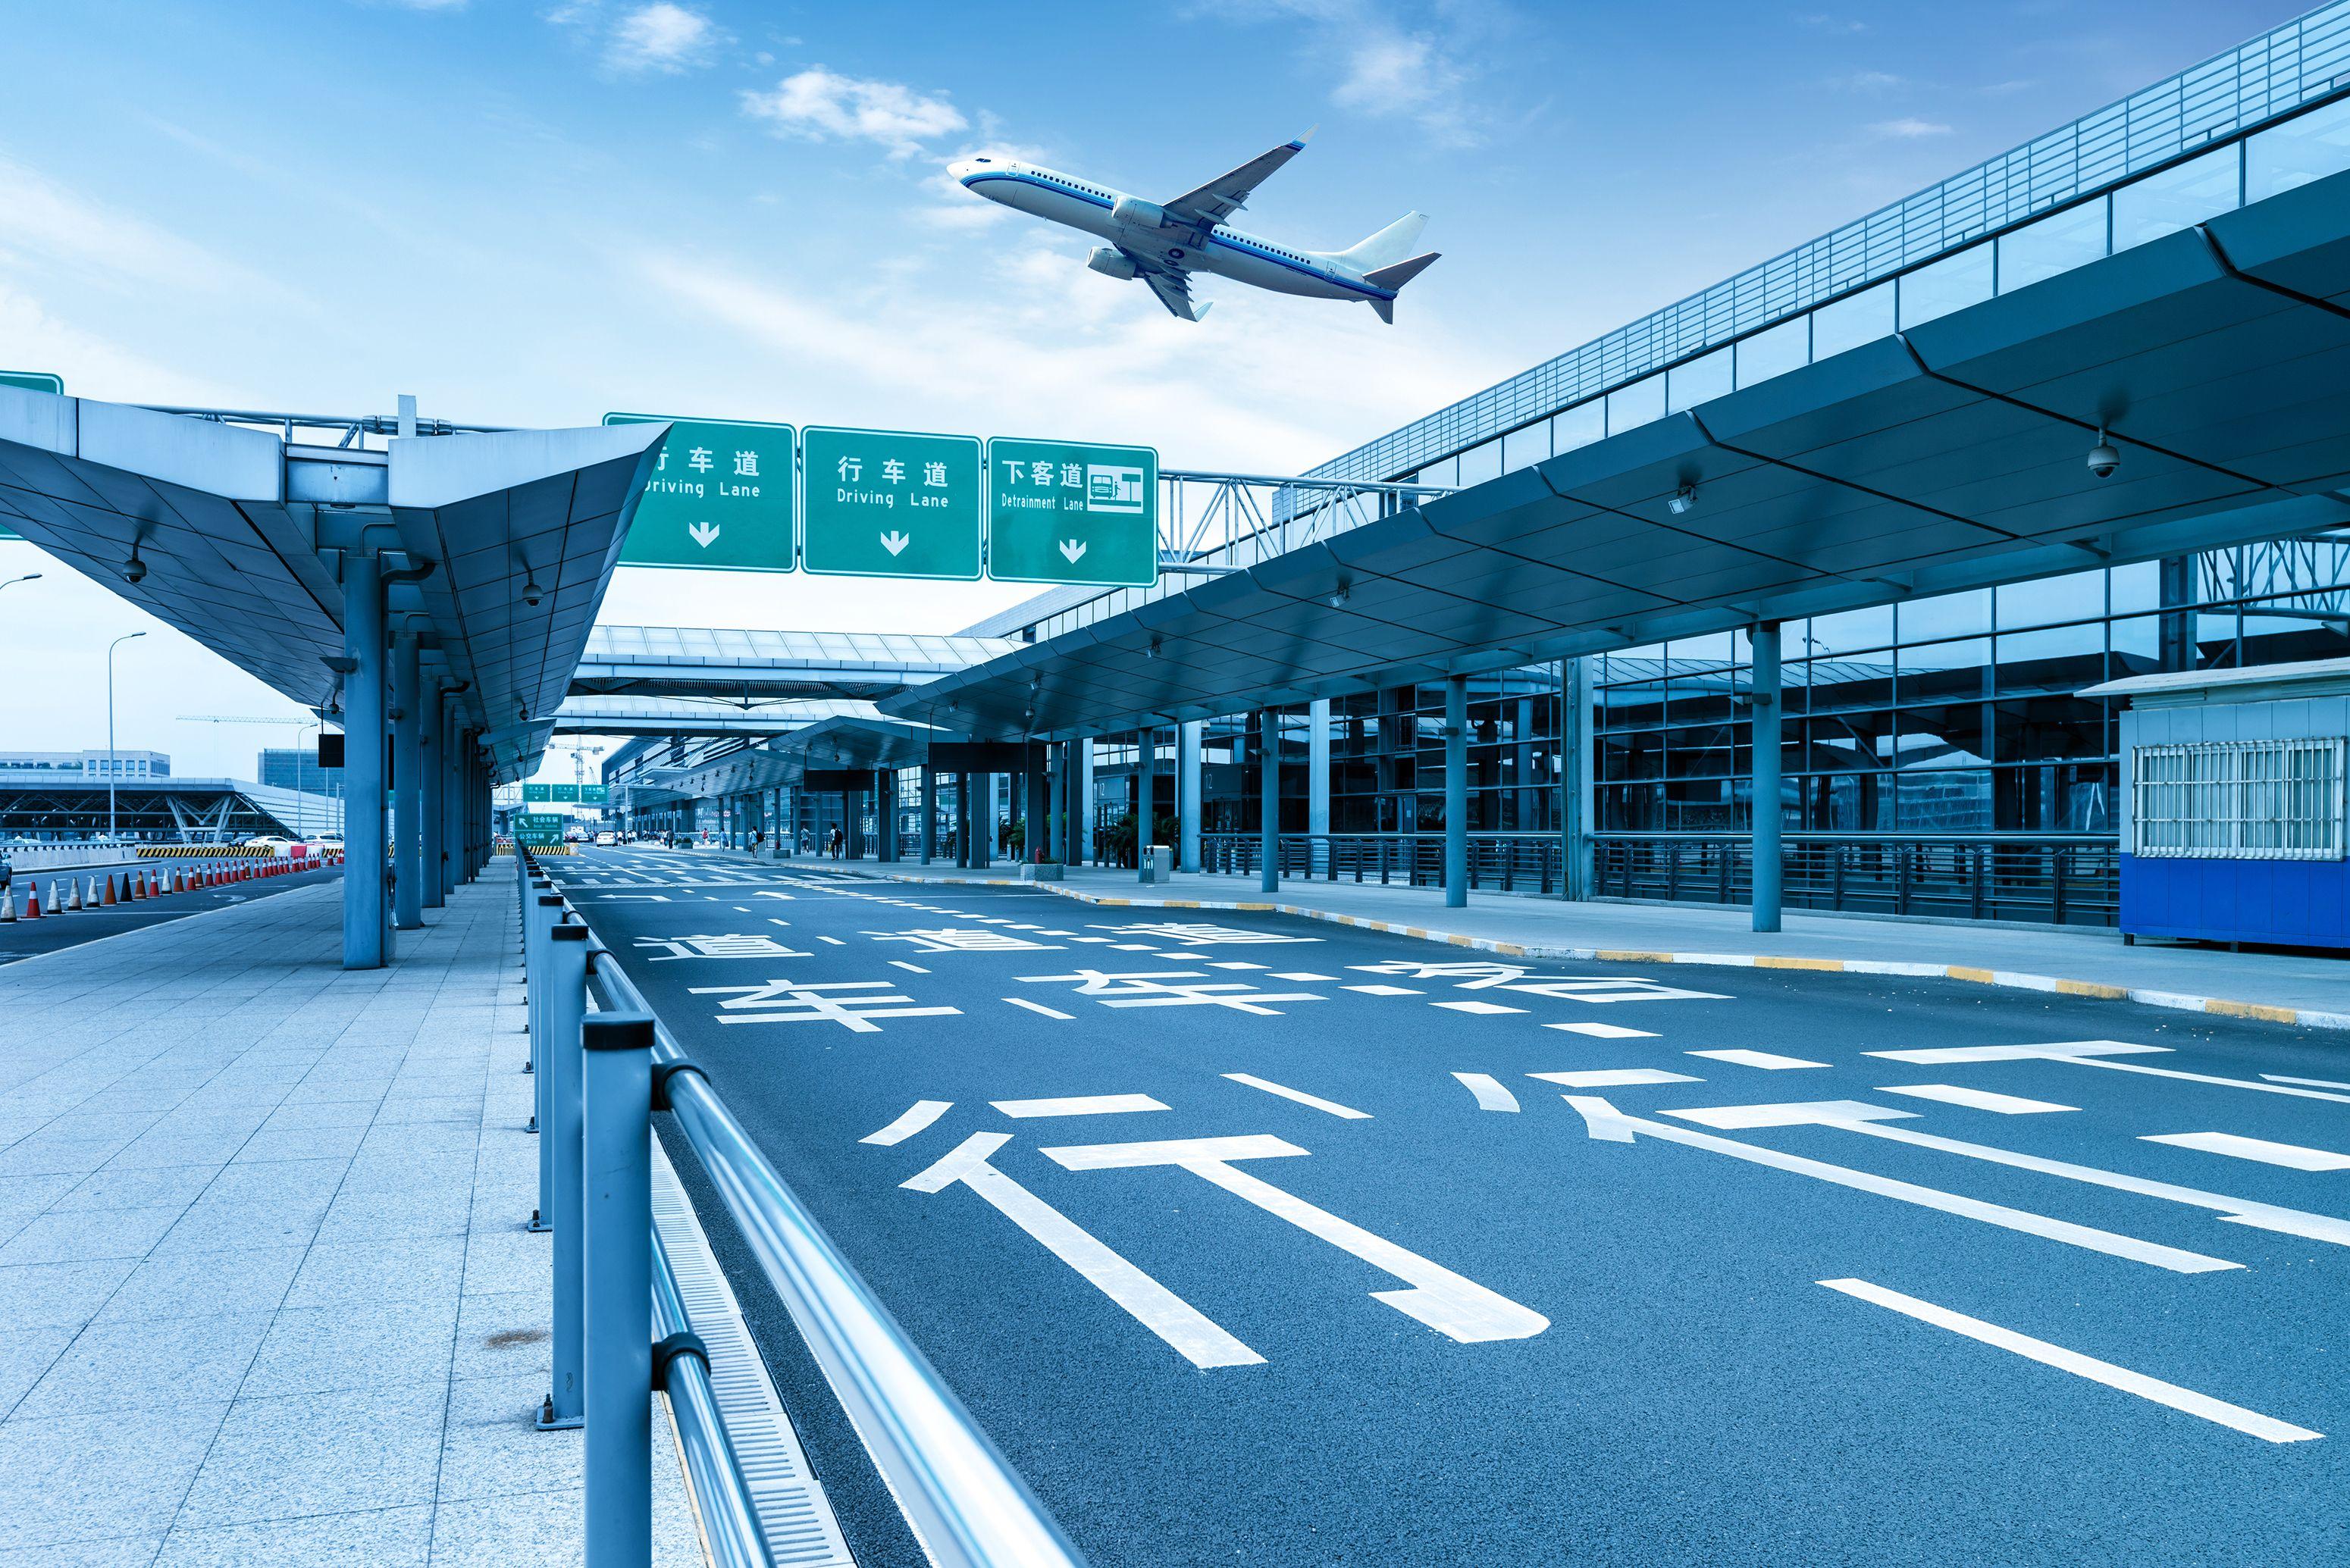 Дорога в аэропорт картинка